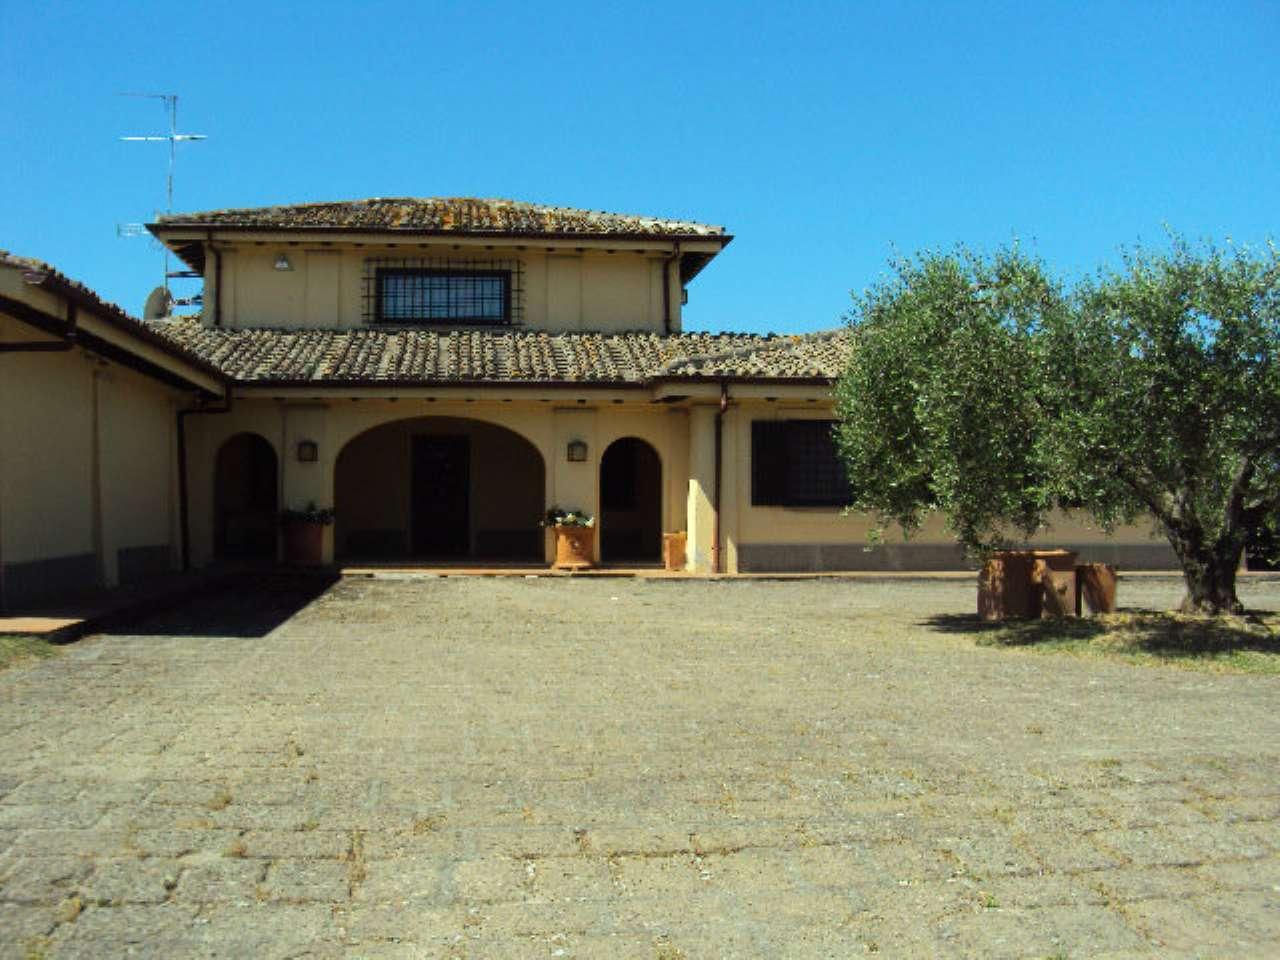 Villa mazzano romano vendita 600 mq riscaldamento autonomo for Costo piscina seminterrato